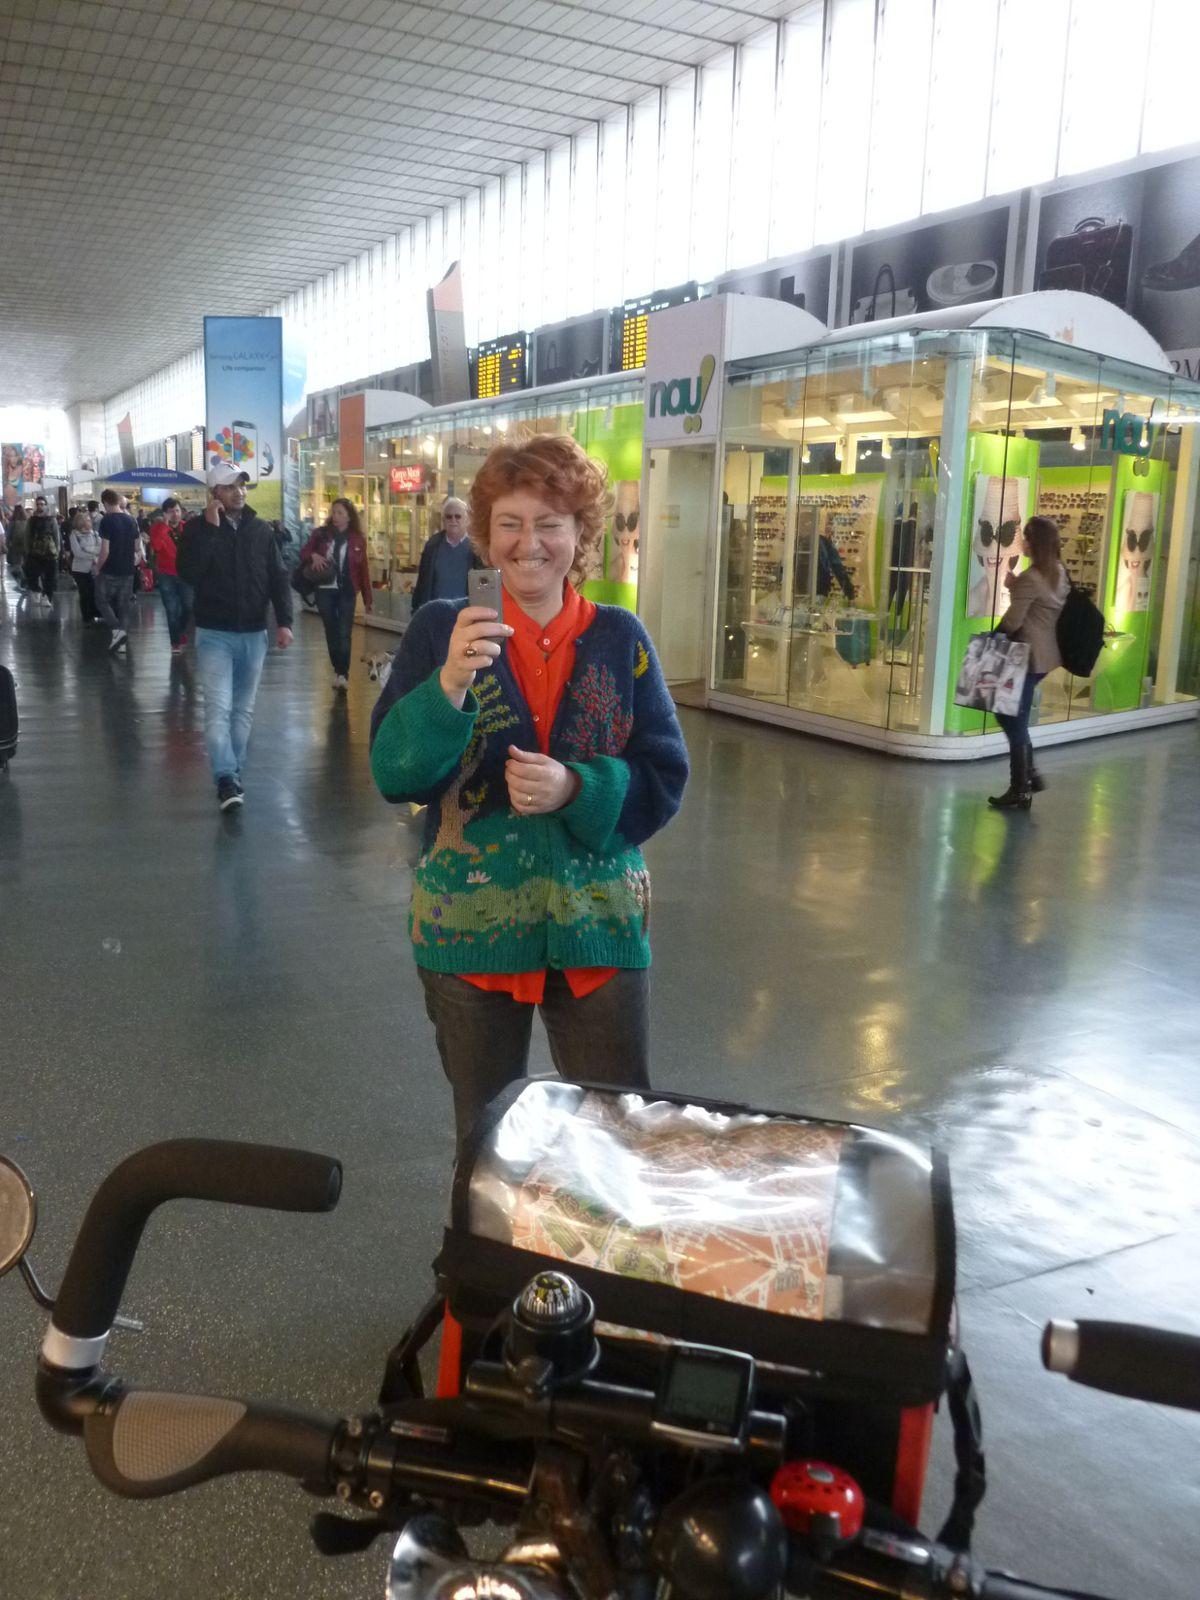 Lucia, épouse de Michel Knockaert, un tourdumondiste, nous interroge à Termini où nous venons de négocier nos billets retour, par train de nuit. Charmante rencontre désintéressée